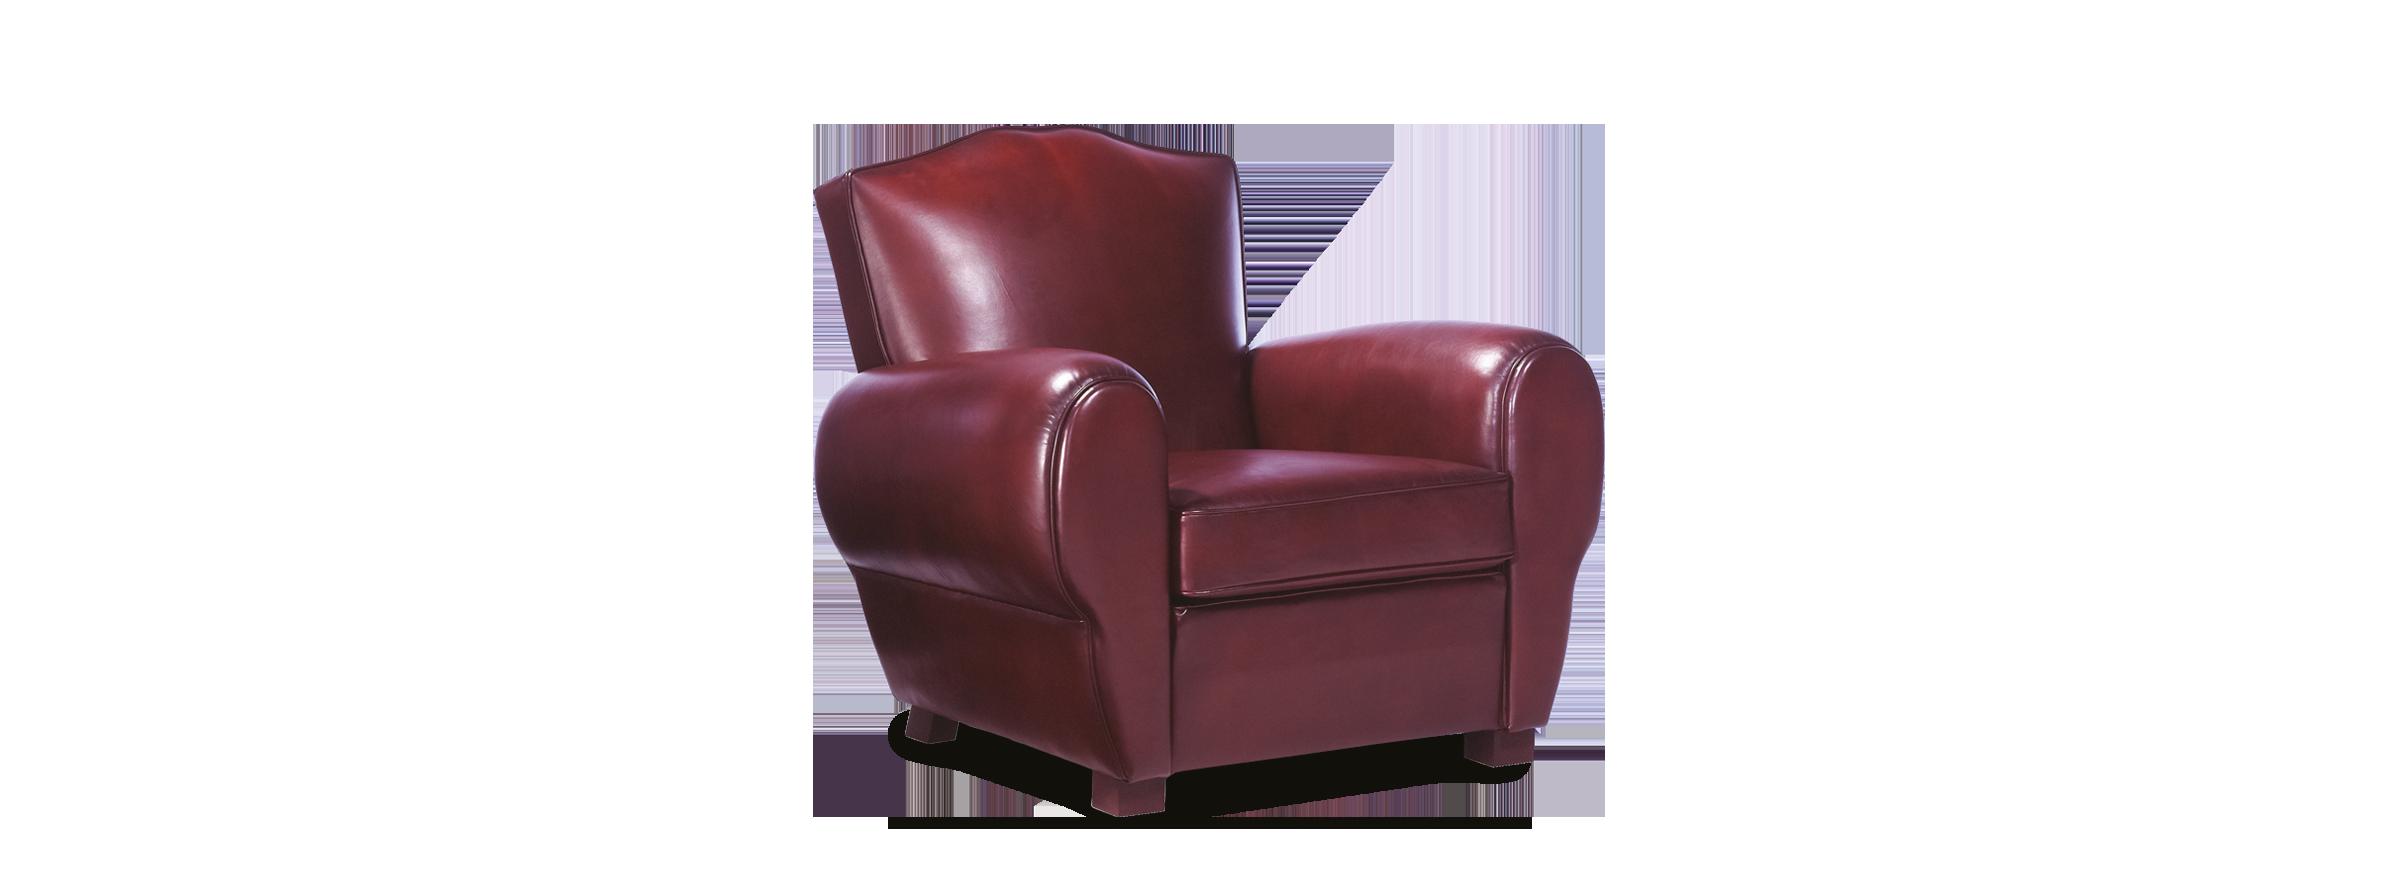 Neology-CHESTER-fauteuil-cuir-pleine-fleur-made-in-france-petit-encombrement-sur-mesure